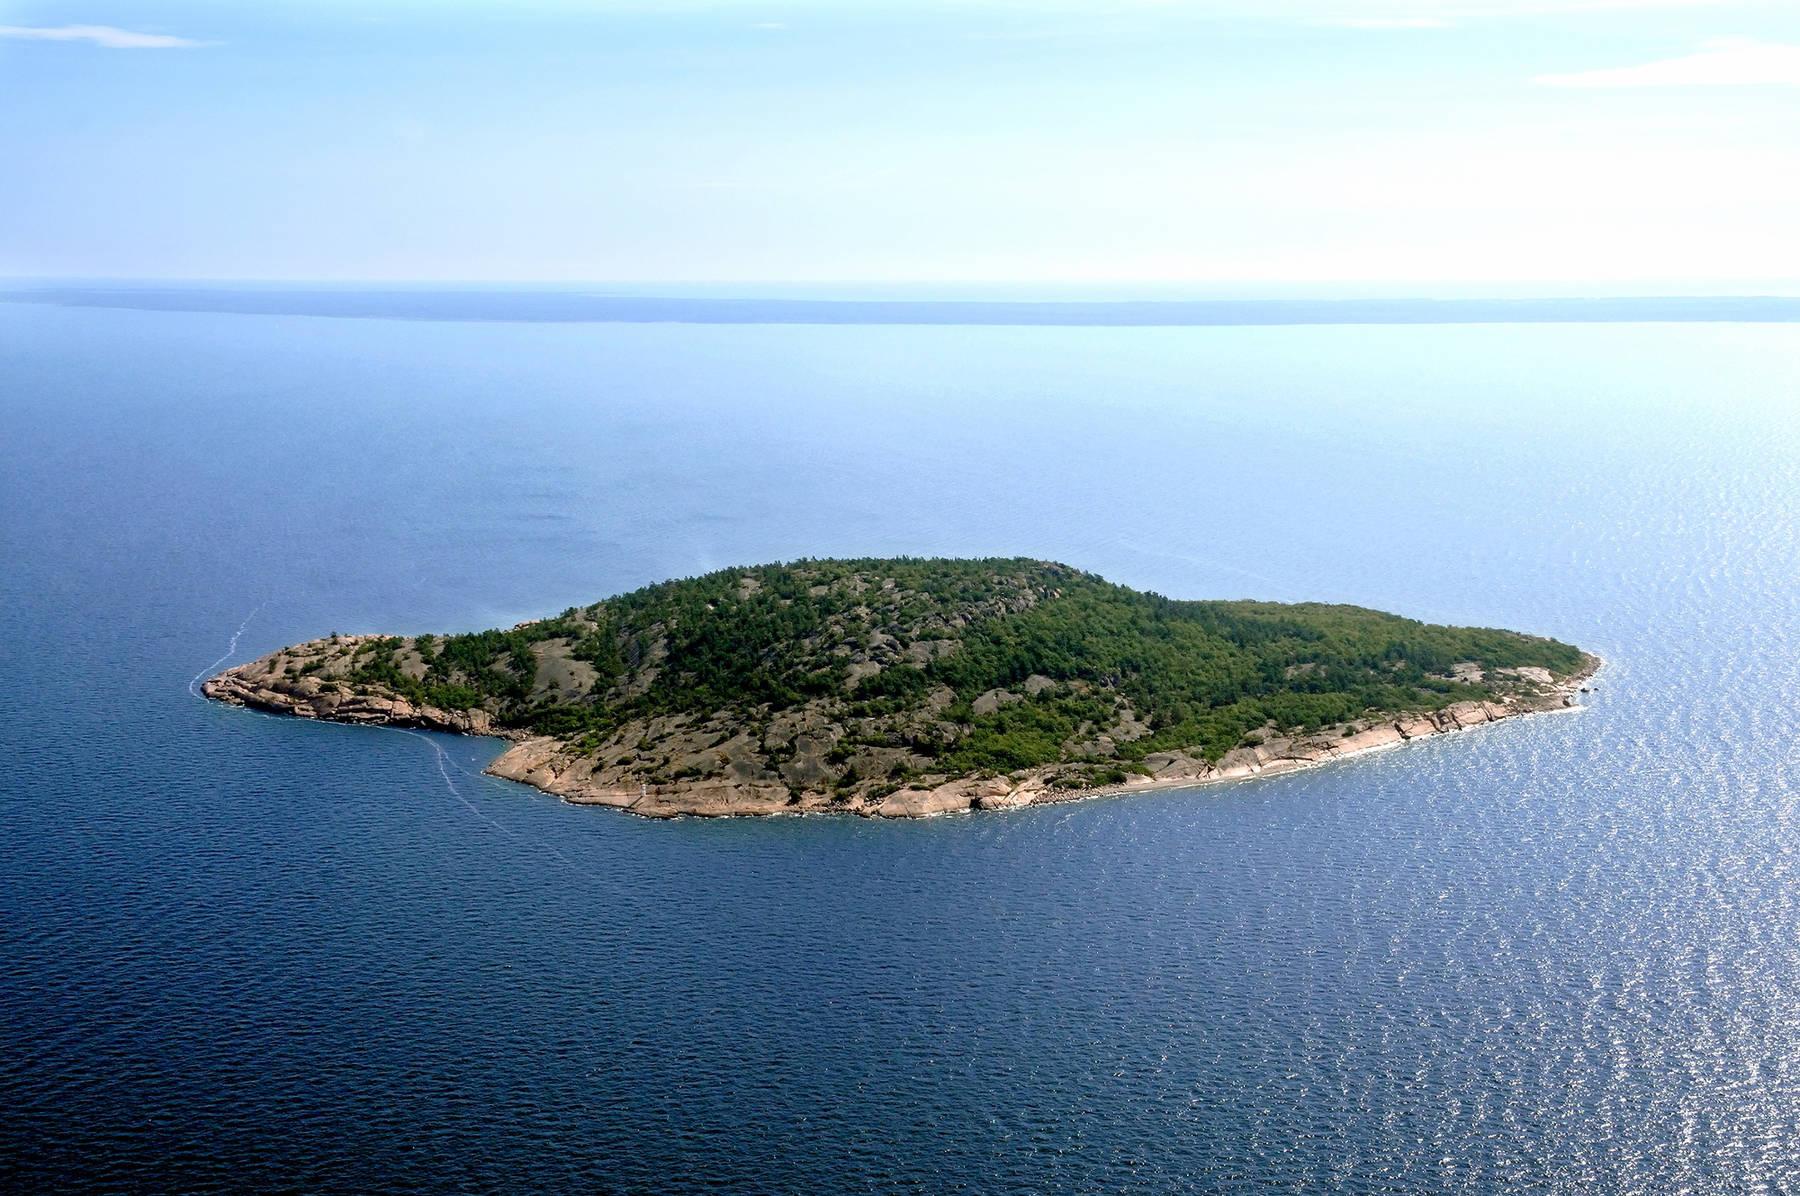 En ö mitt i havet